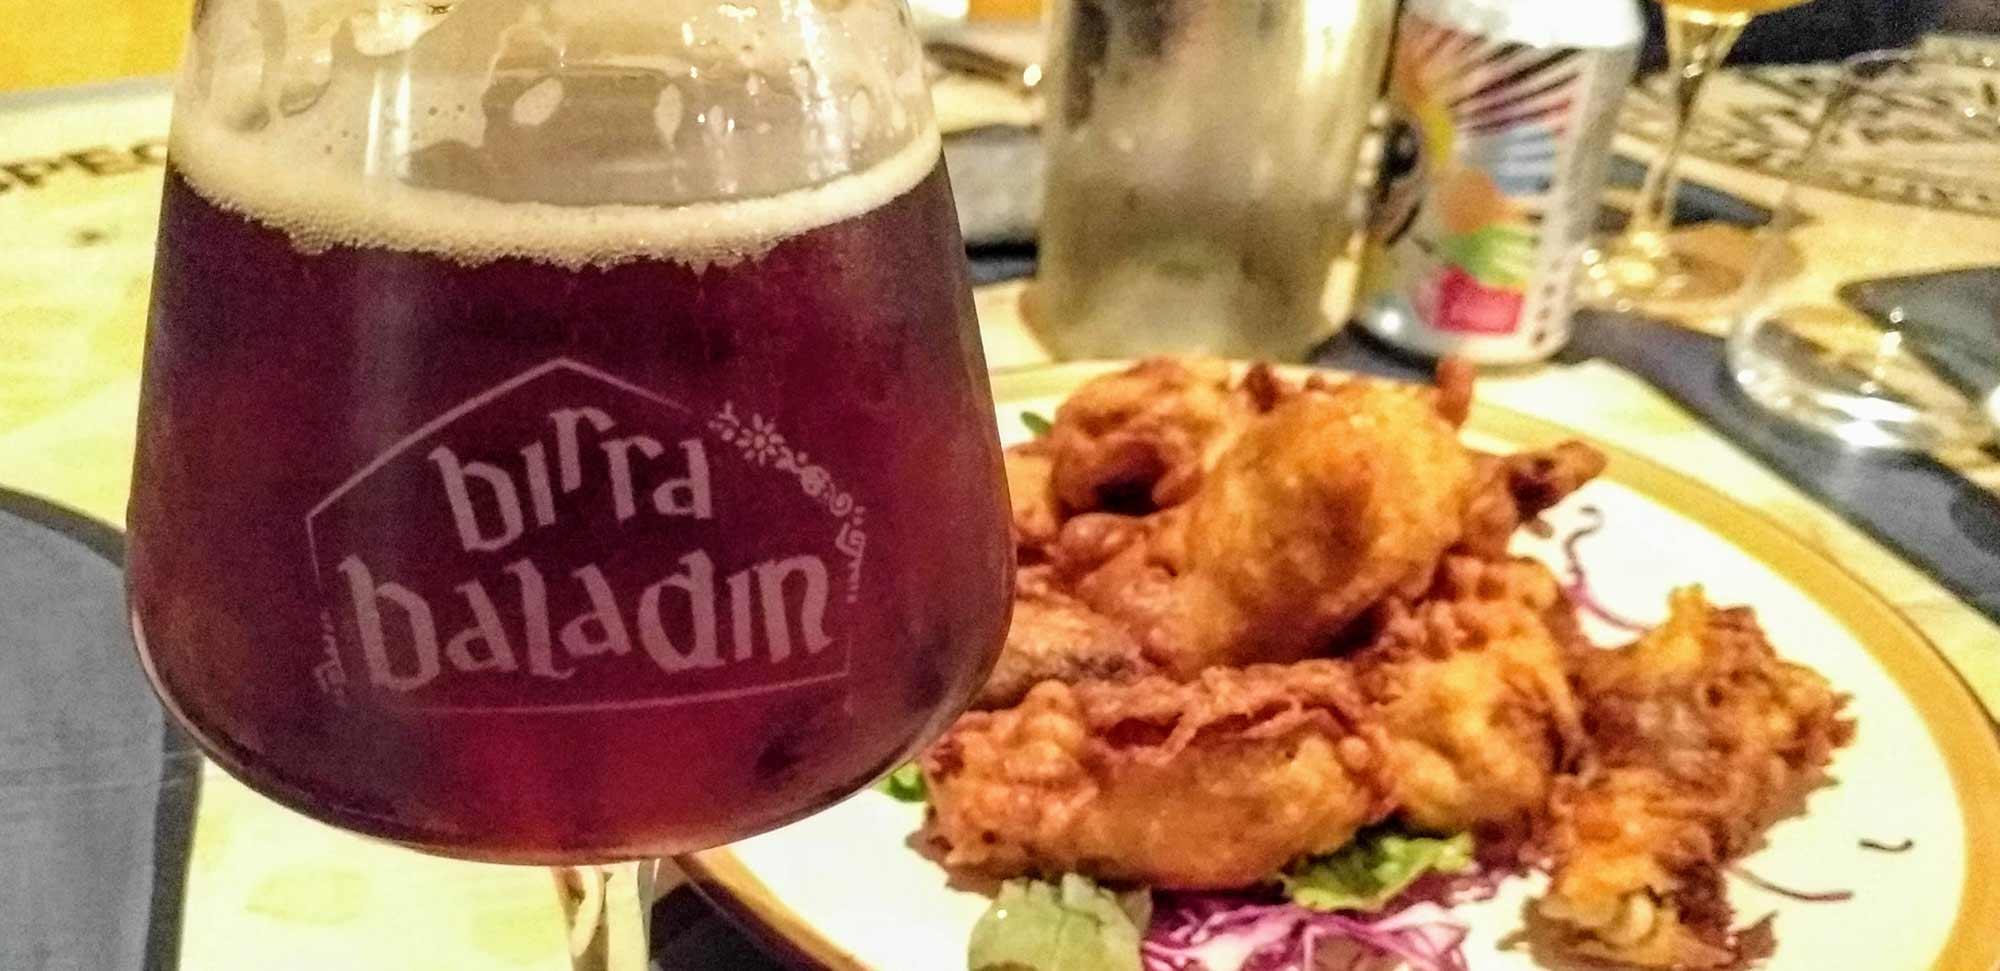 birra baladin beer